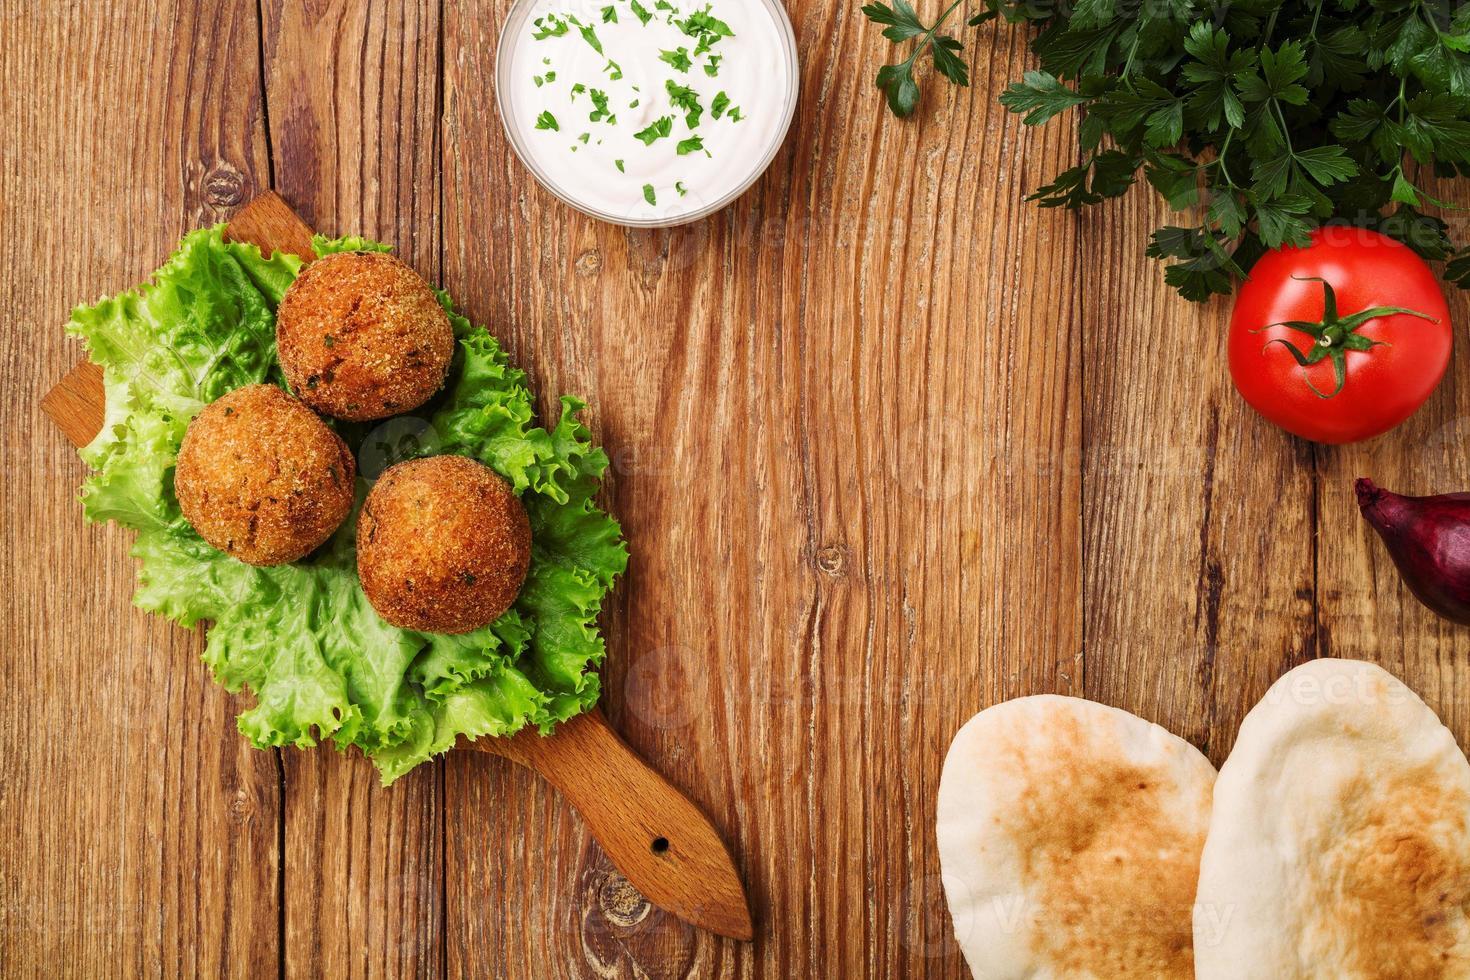 kikärta falafelbollar på ett träskrivbord med grönsaker foto